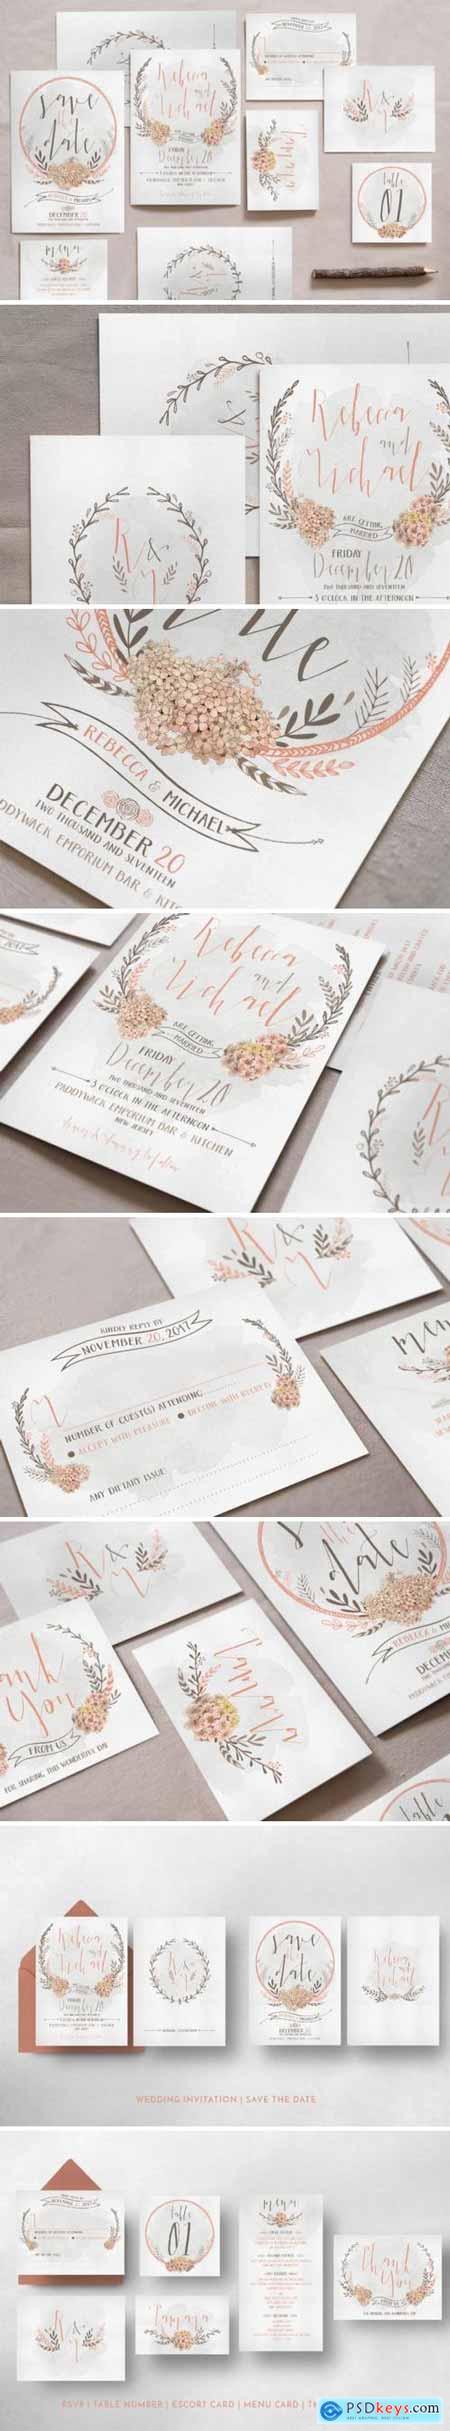 Creativemarket Wreath & Flower Wedding Invitation Suite 799852